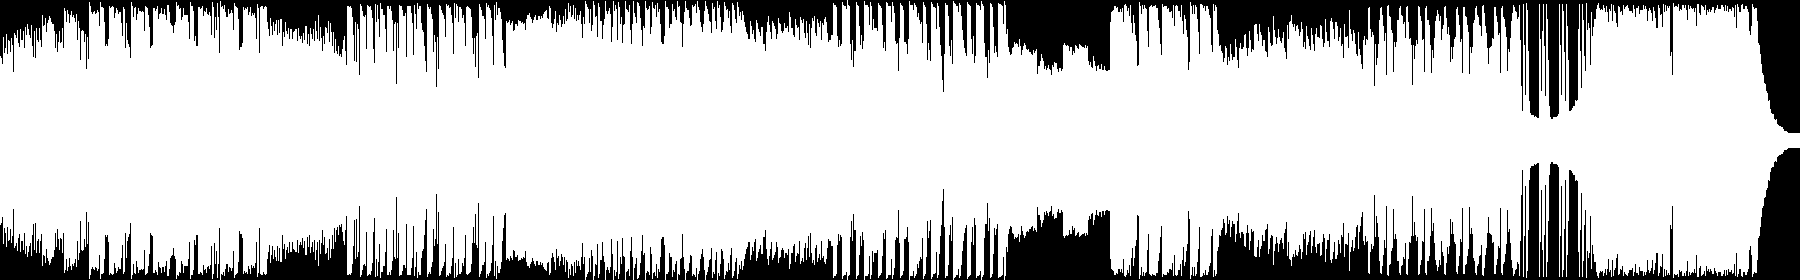 Shuriken - Wonk & Hybrid Trap audio waveform